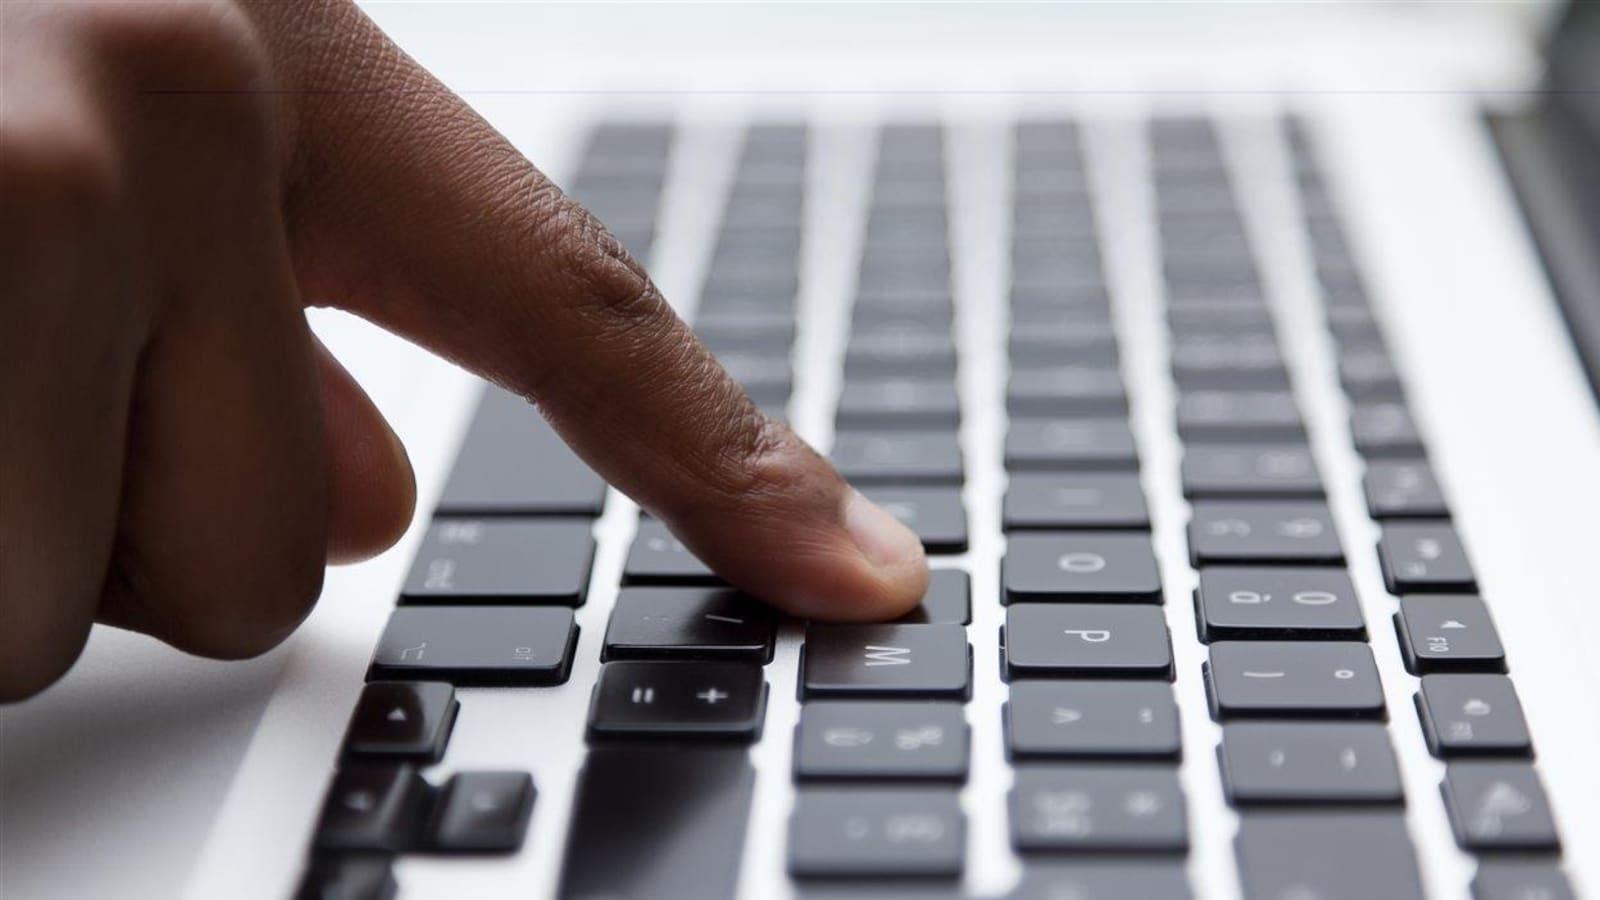 Gros plan sur une main dont un doigt appuie sur une touche de clavier d'ordinateur.